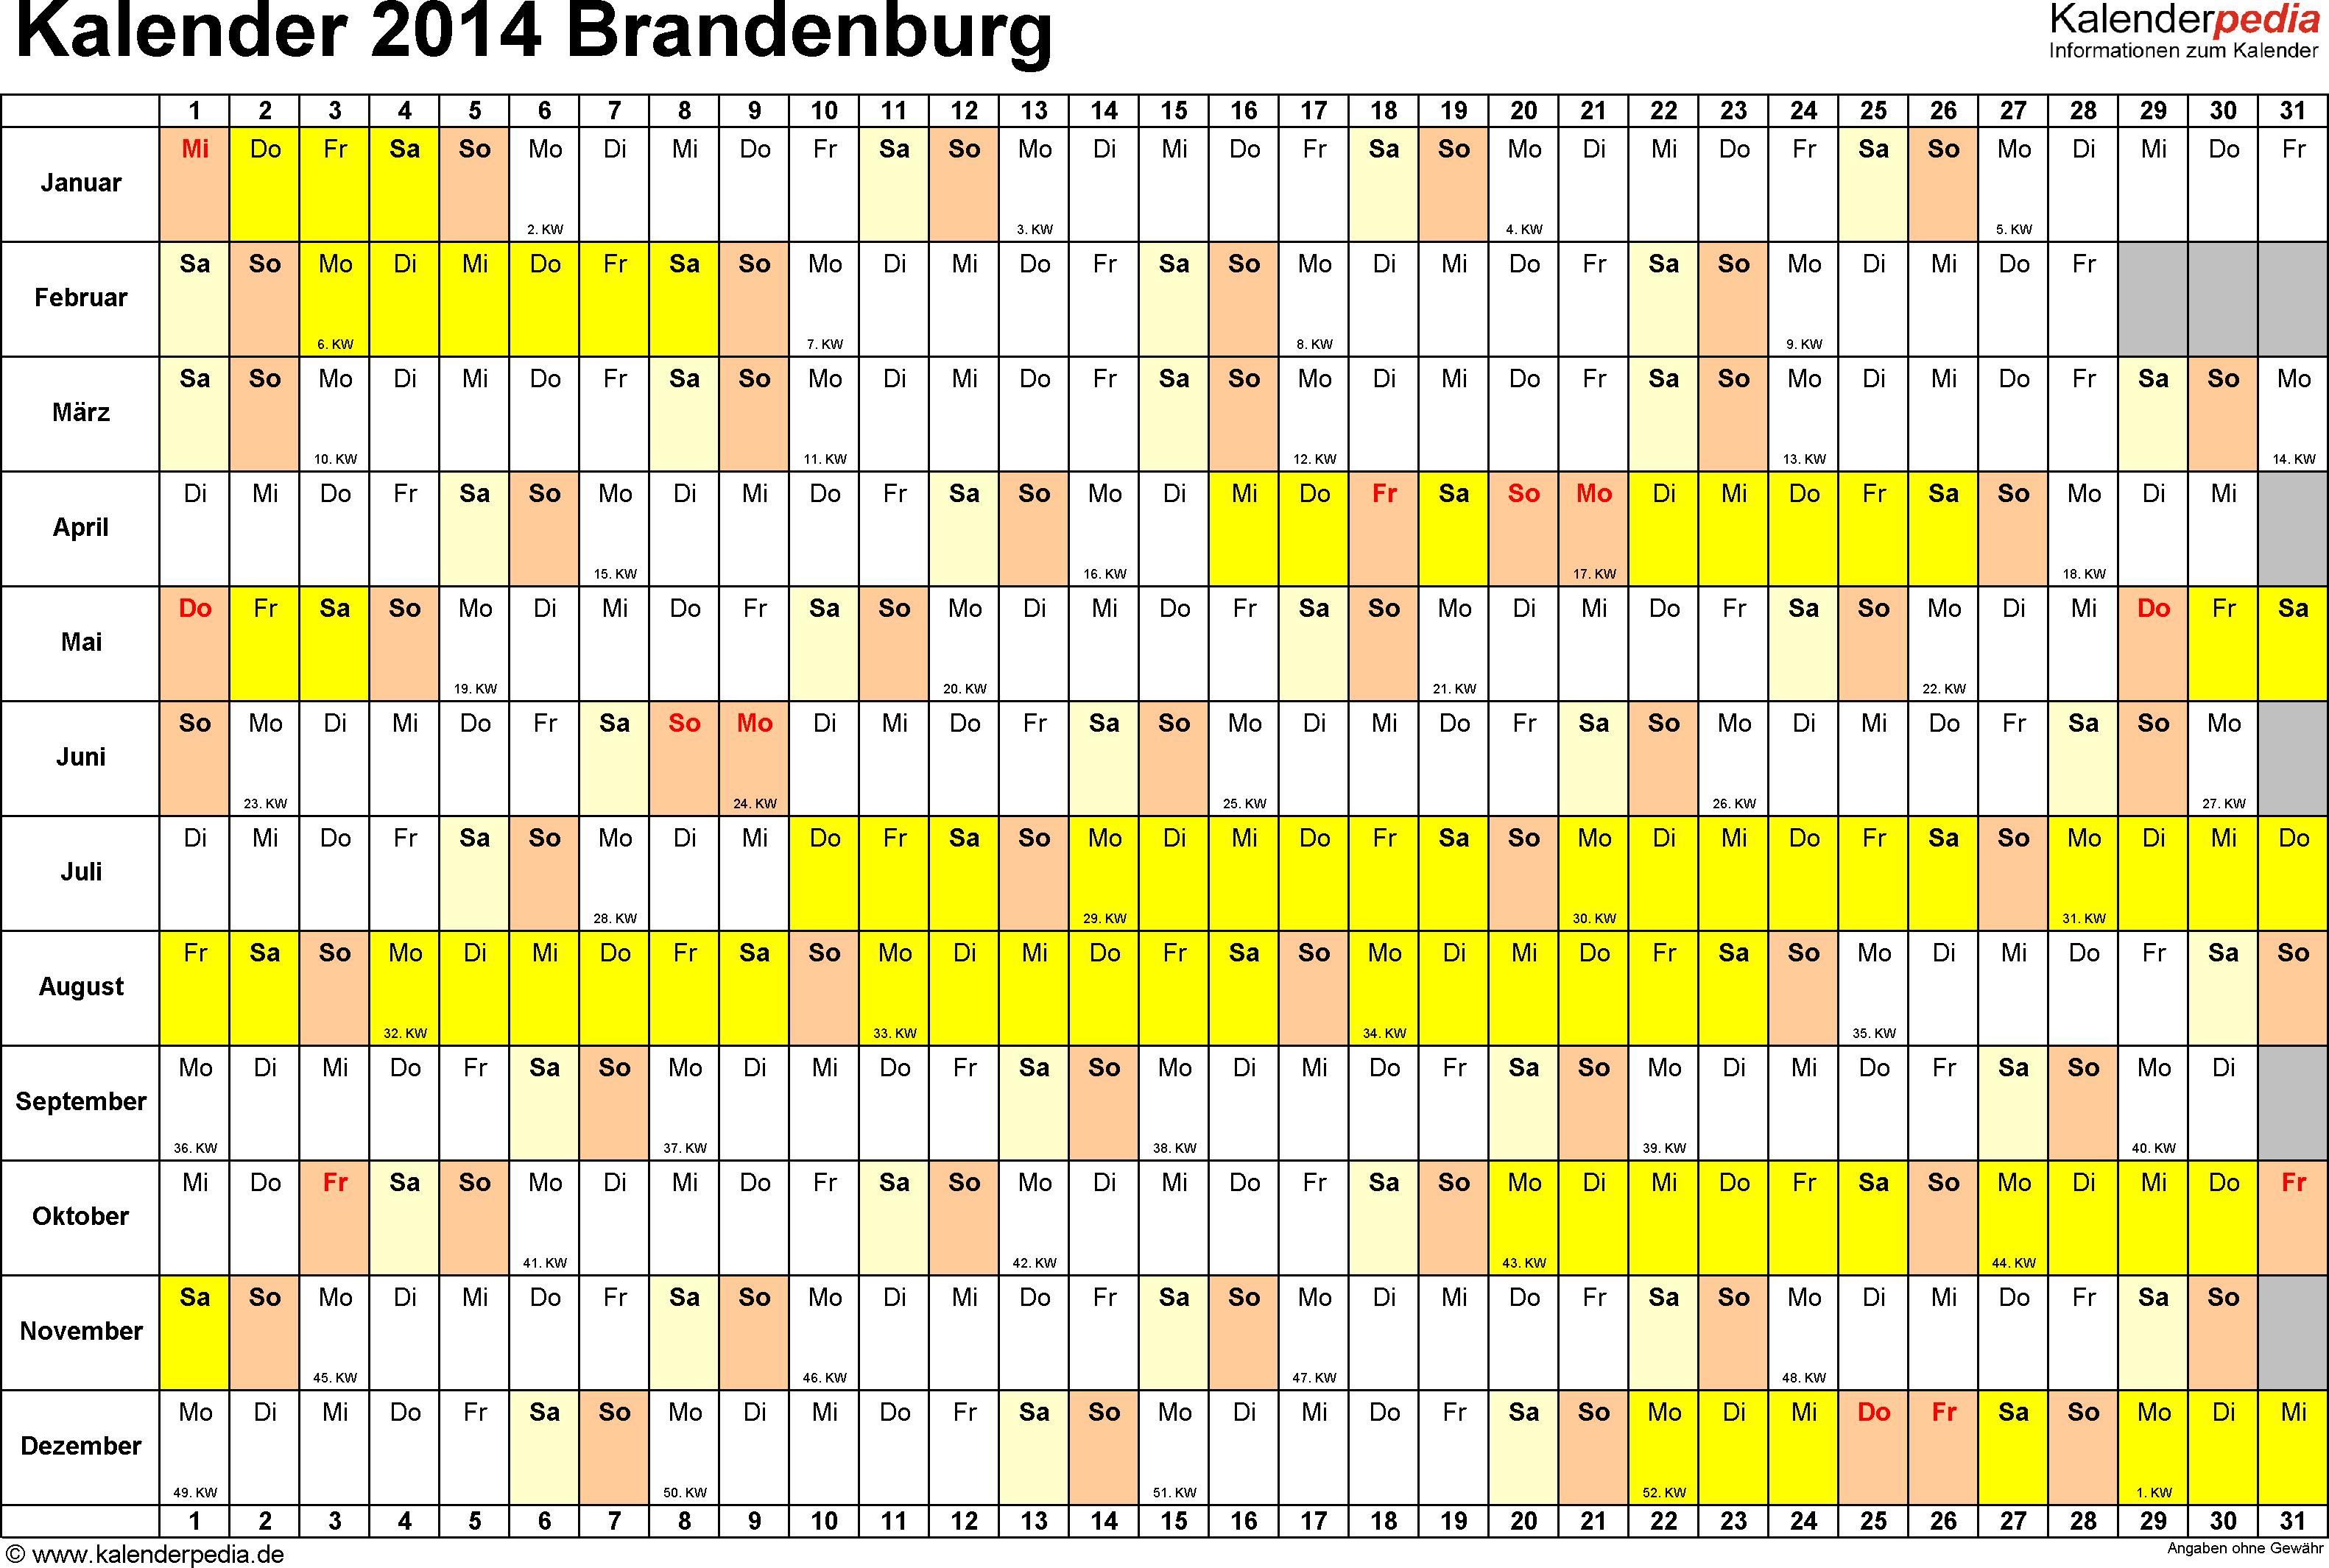 Vorlage 3: Kalender Brandenburg 2014 im Querformat, Tage nebeneinander